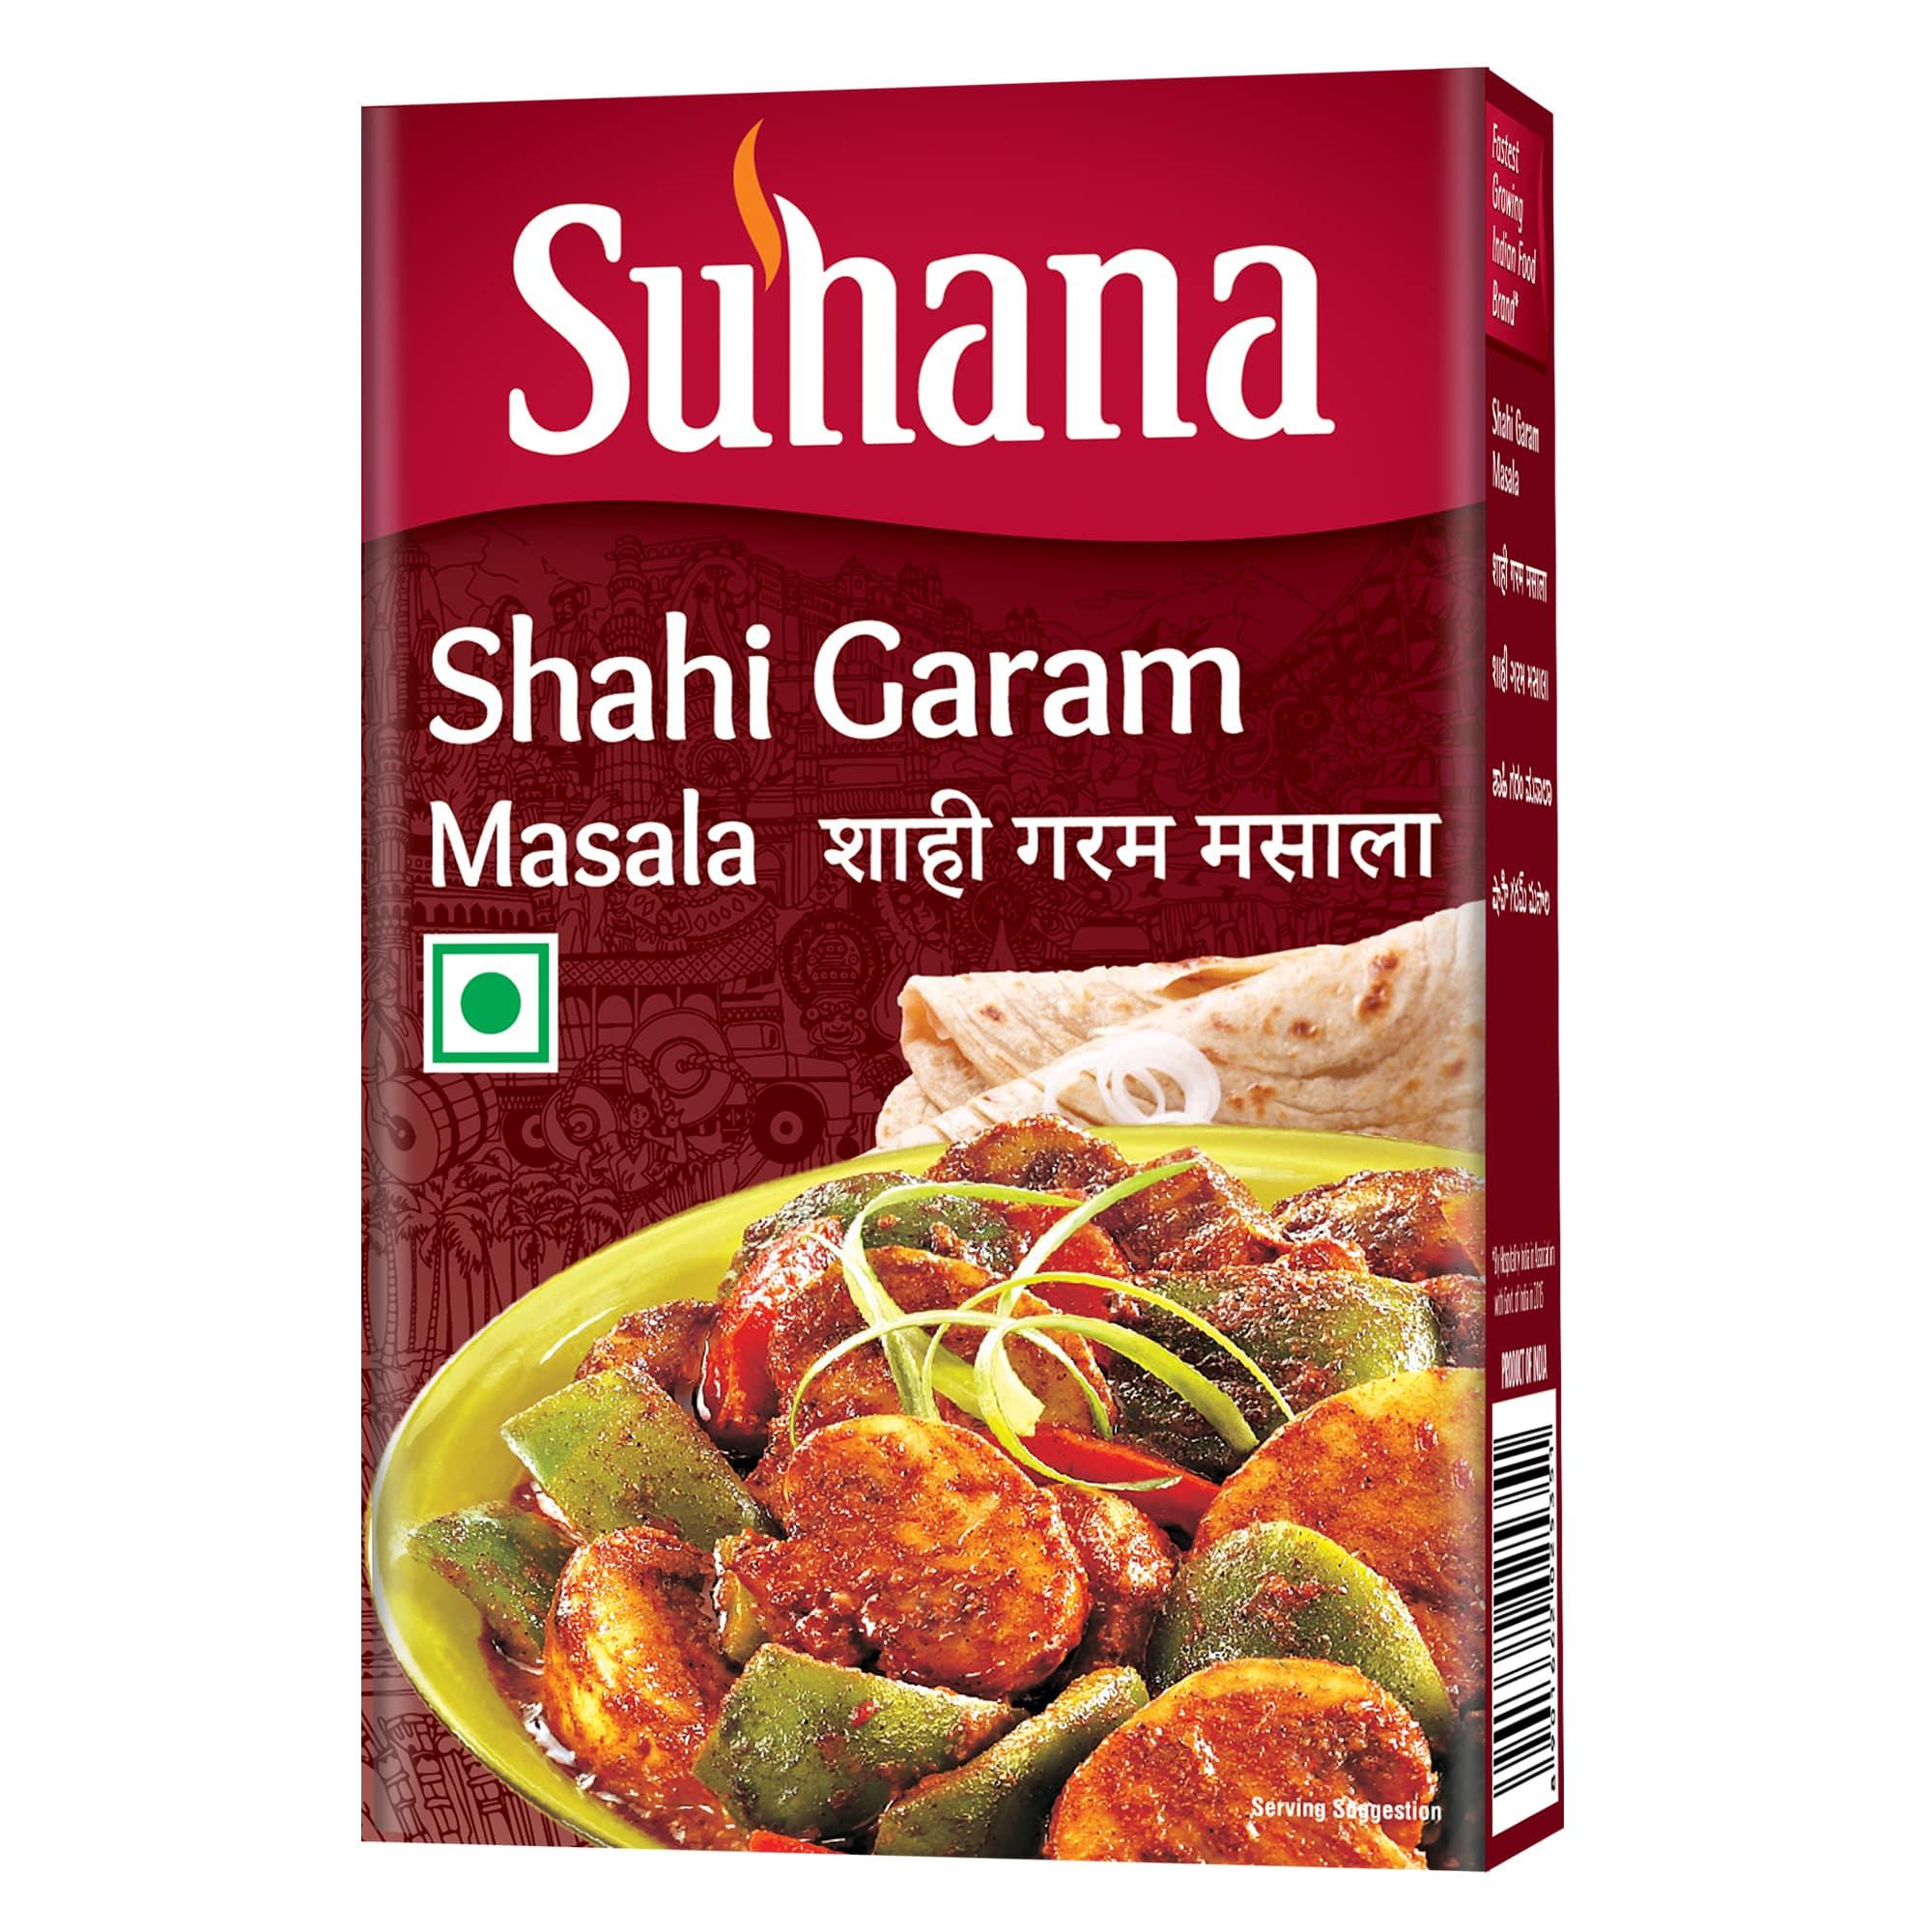 Suhana Shahi Garam Masala Box